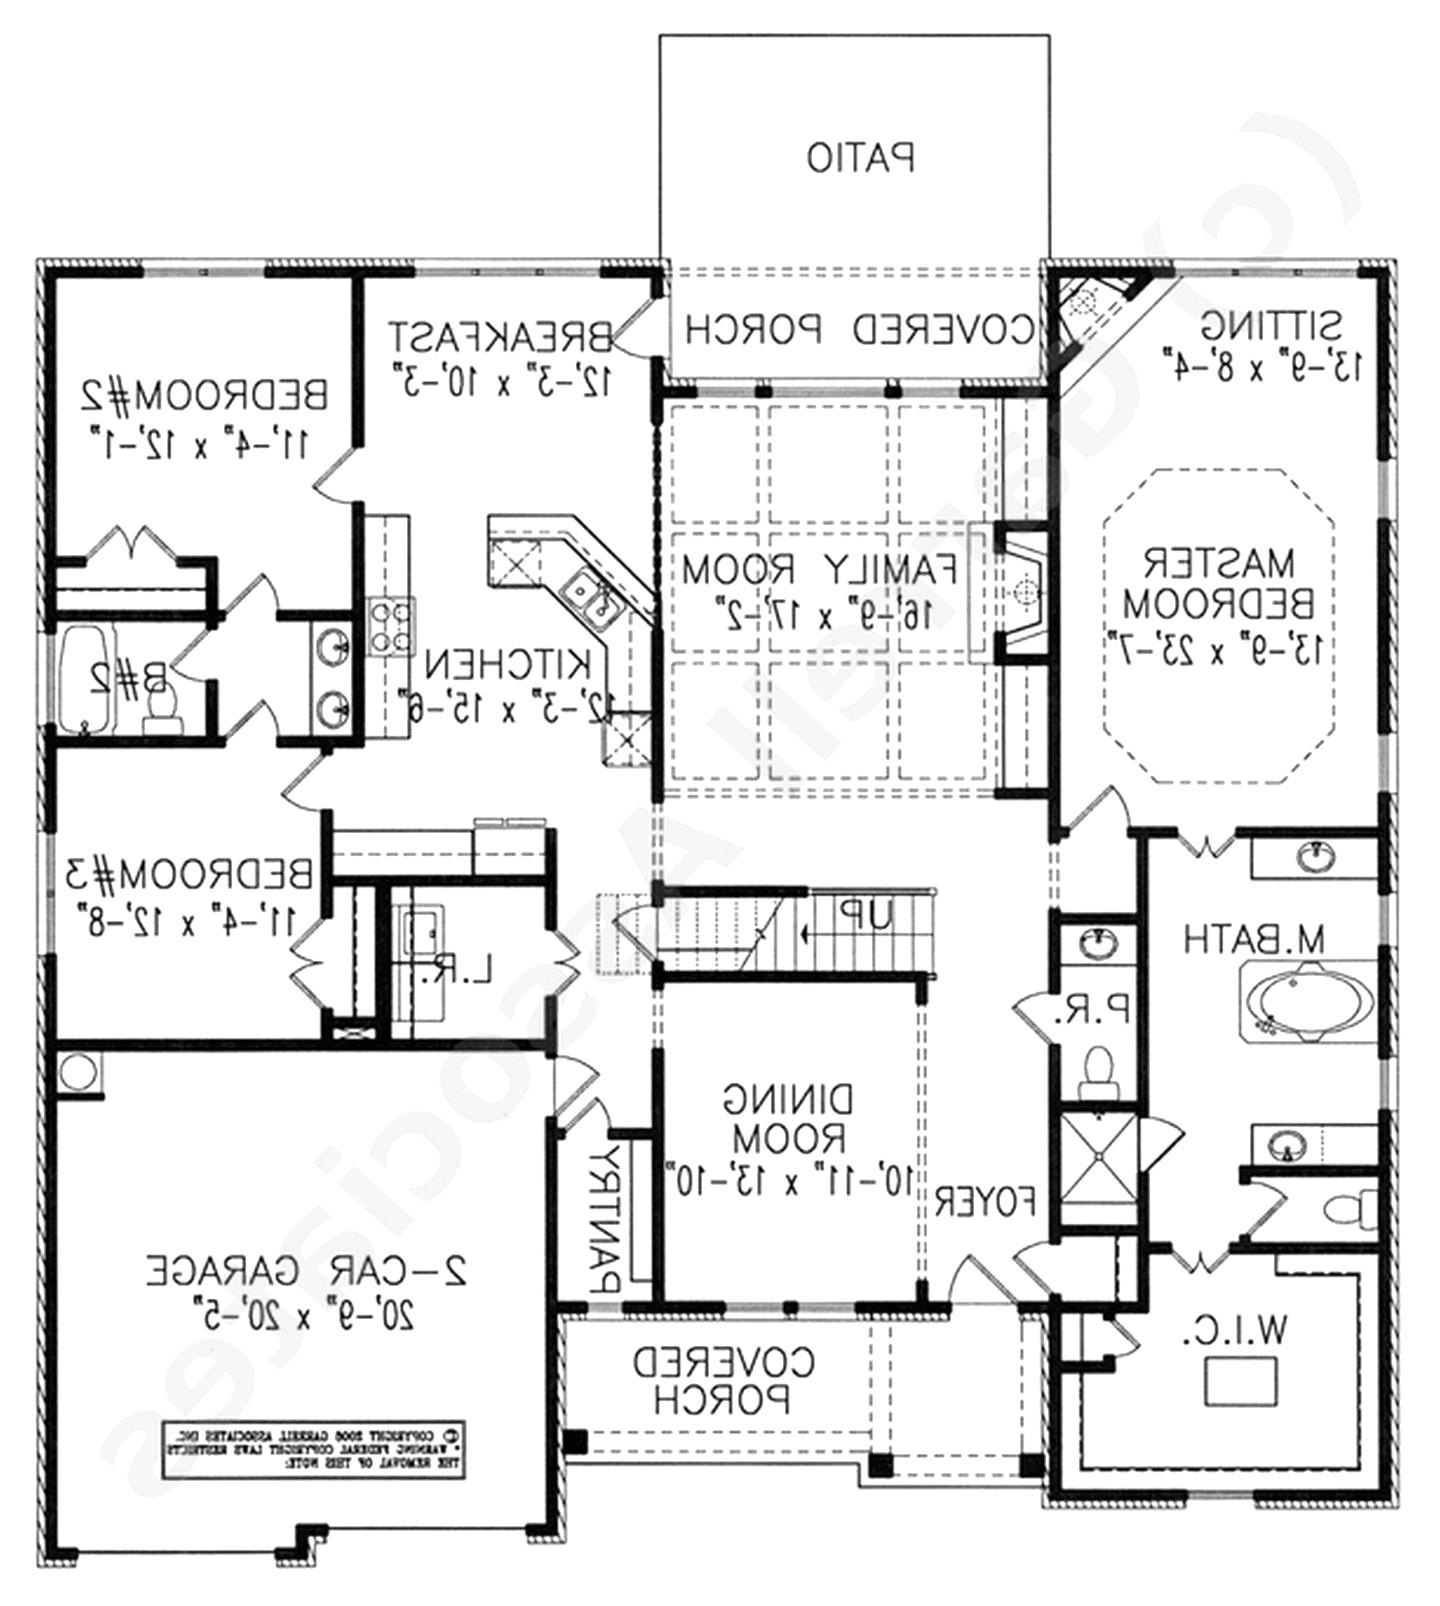 udel housing floor plans